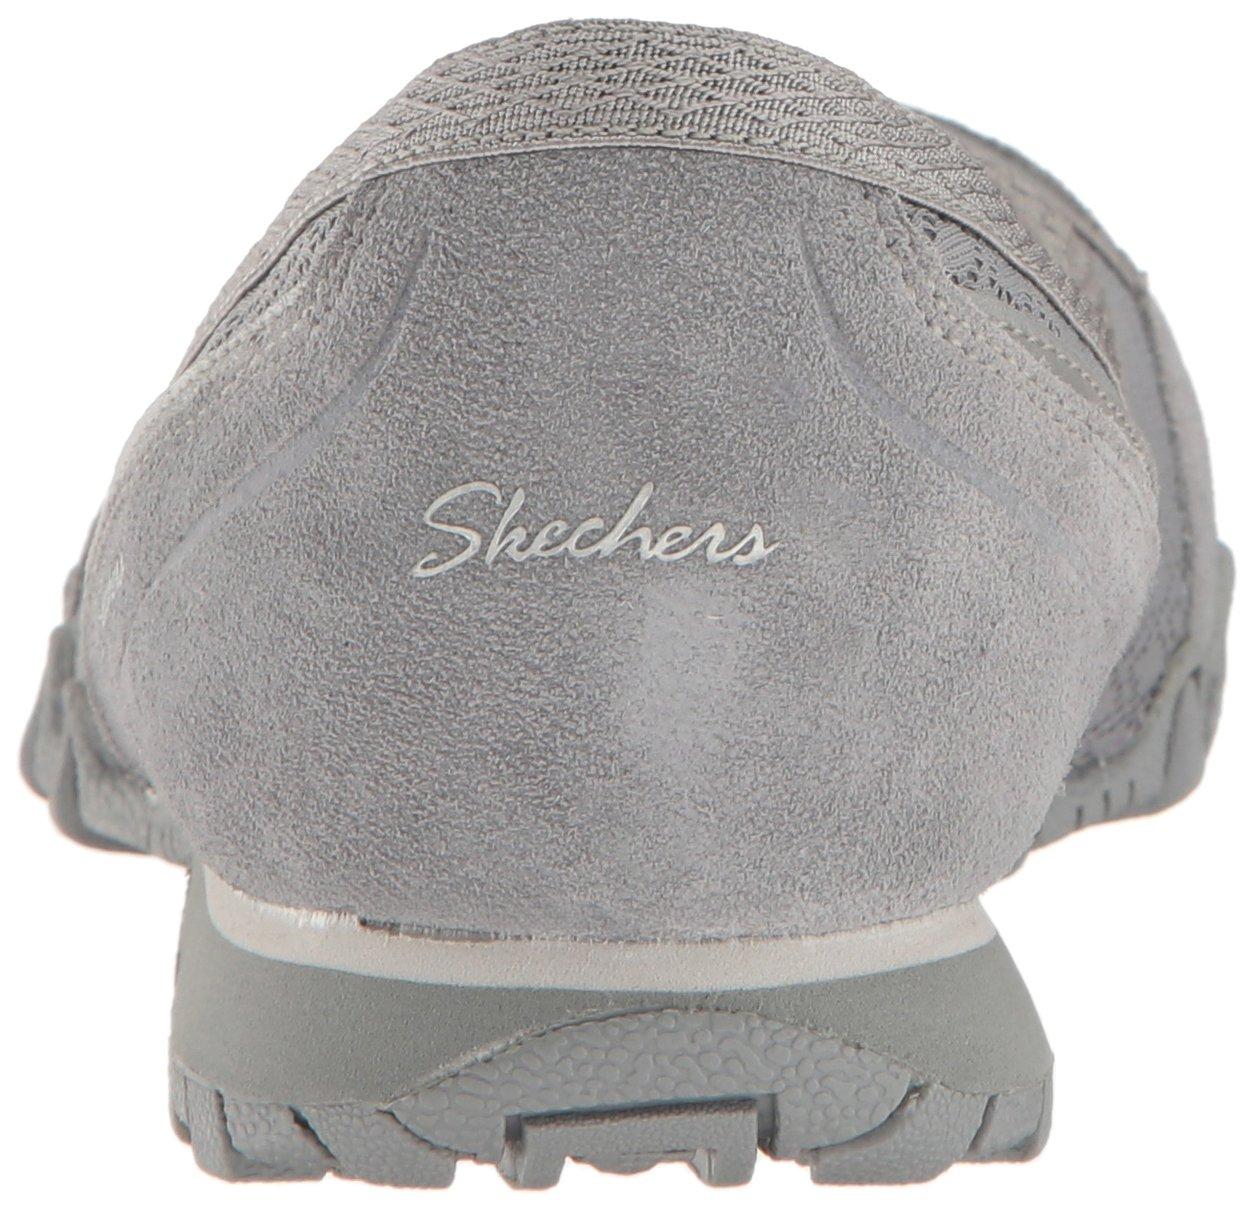 Skechers Women's 5.5 Bikers Skimmer Flat B01MA58PKB 5.5 Women's B(M) US|Grey 72f78d